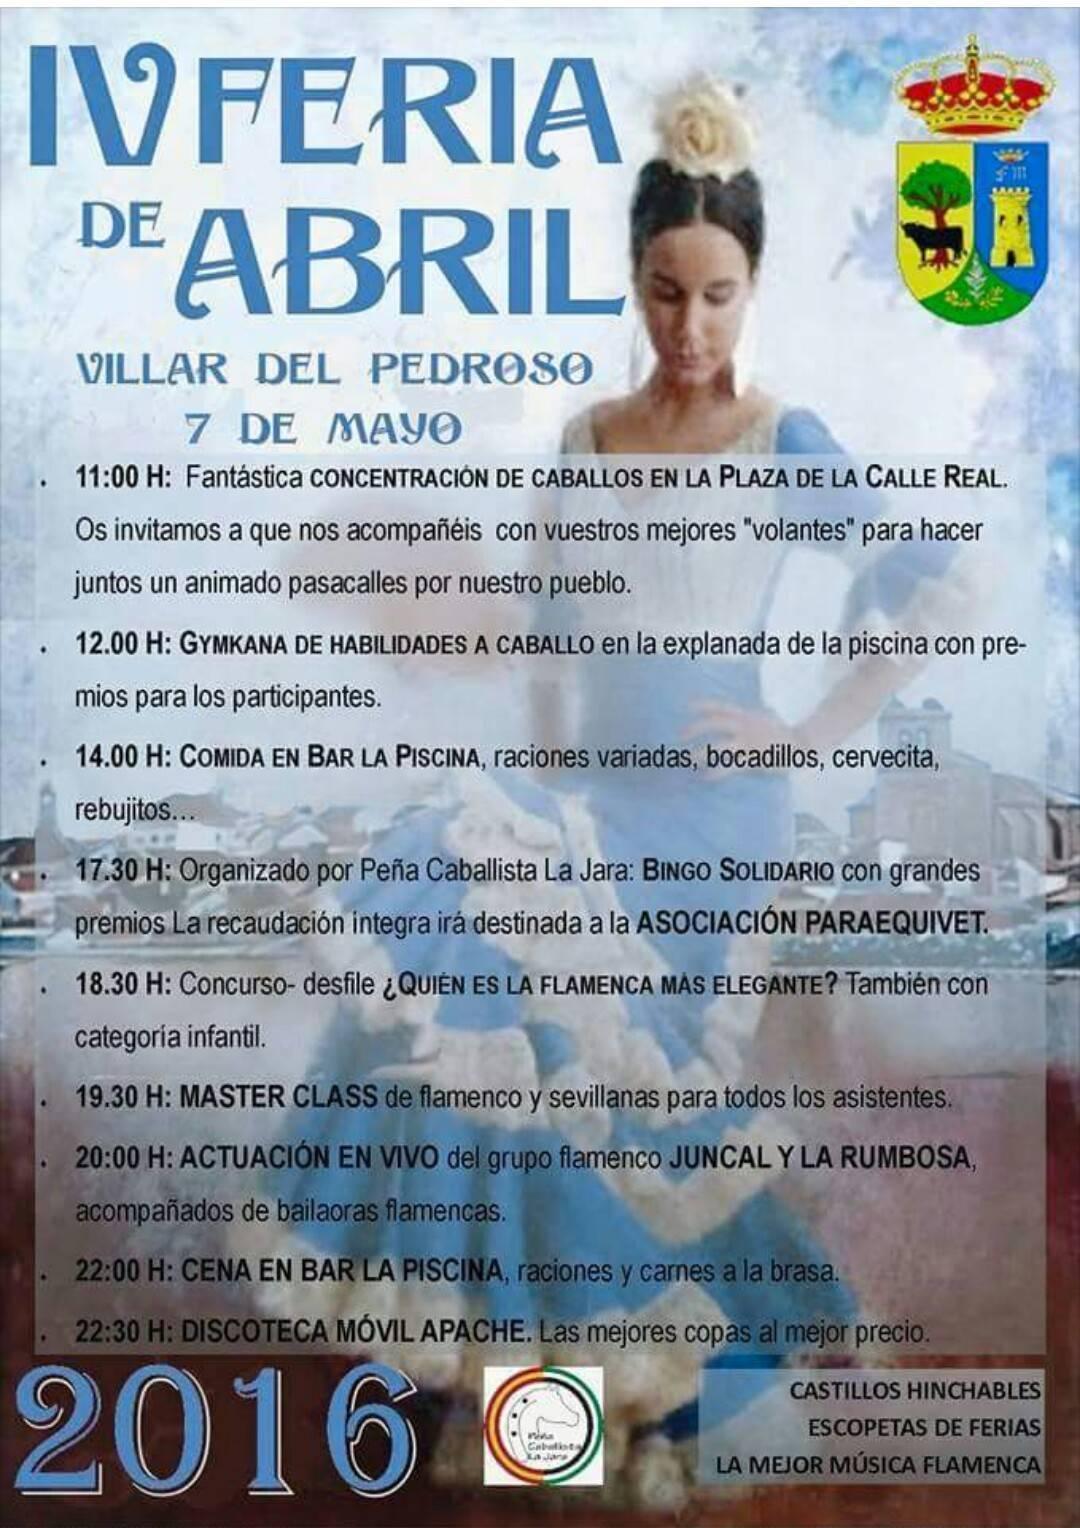 IV Feria de Abril - Villar del Pedroso (Cáceres)